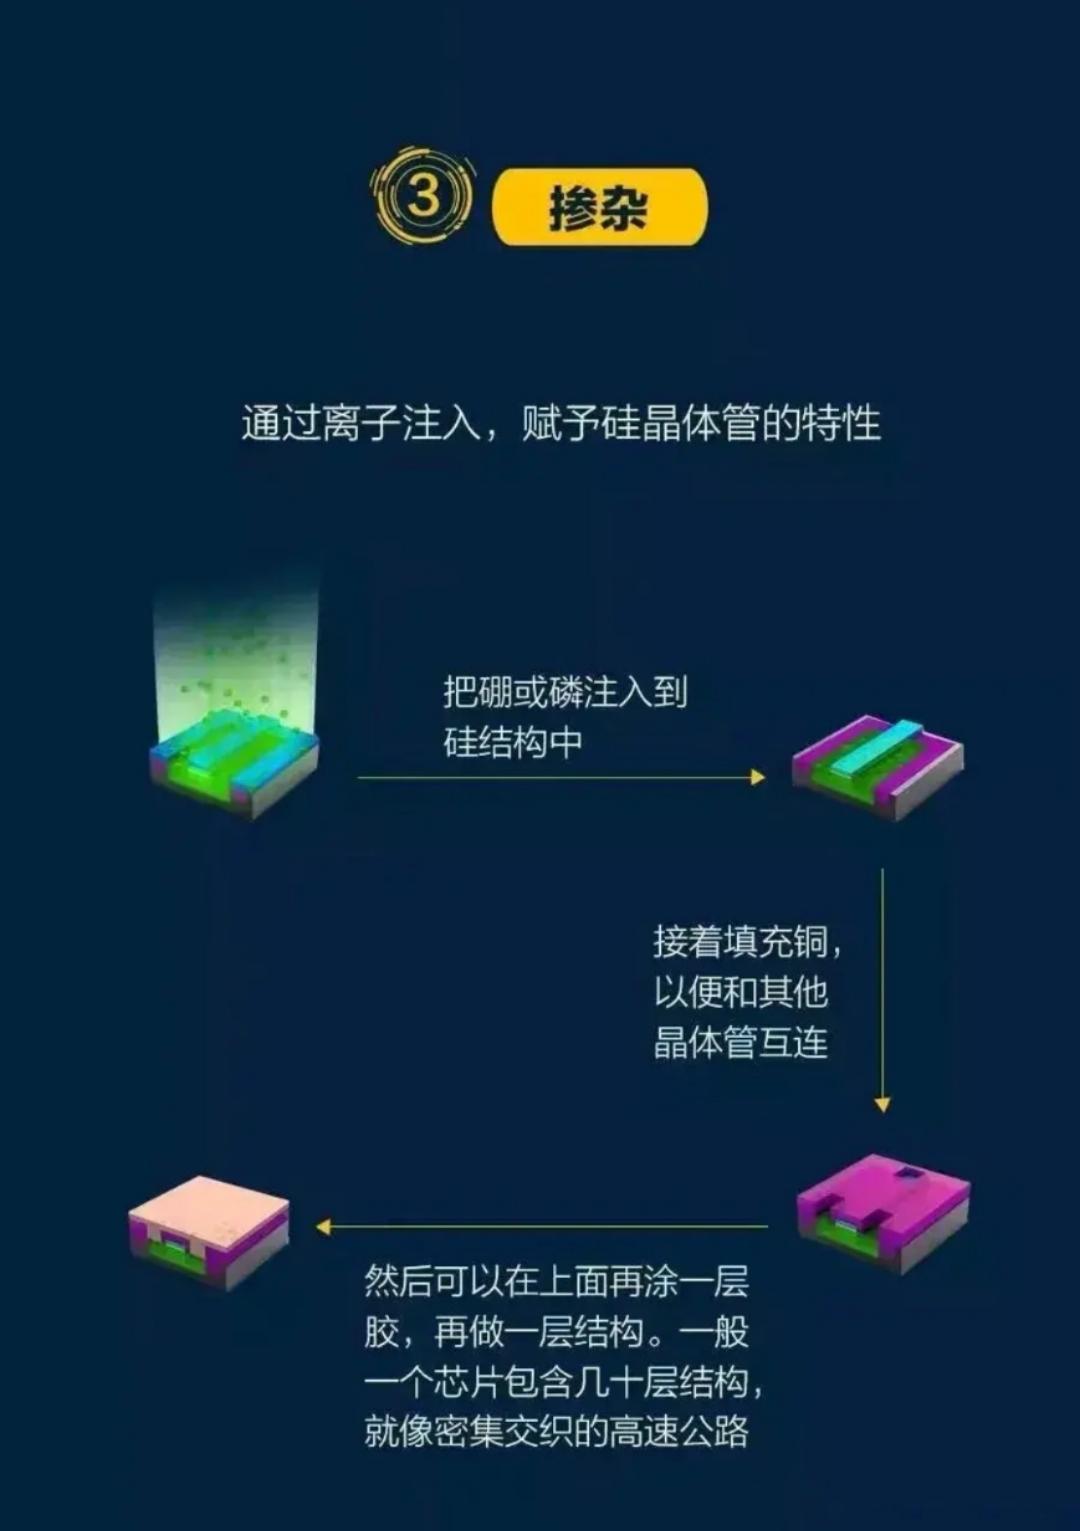 華天科技:已具備基於5nm芯片的封測能力!-圖3